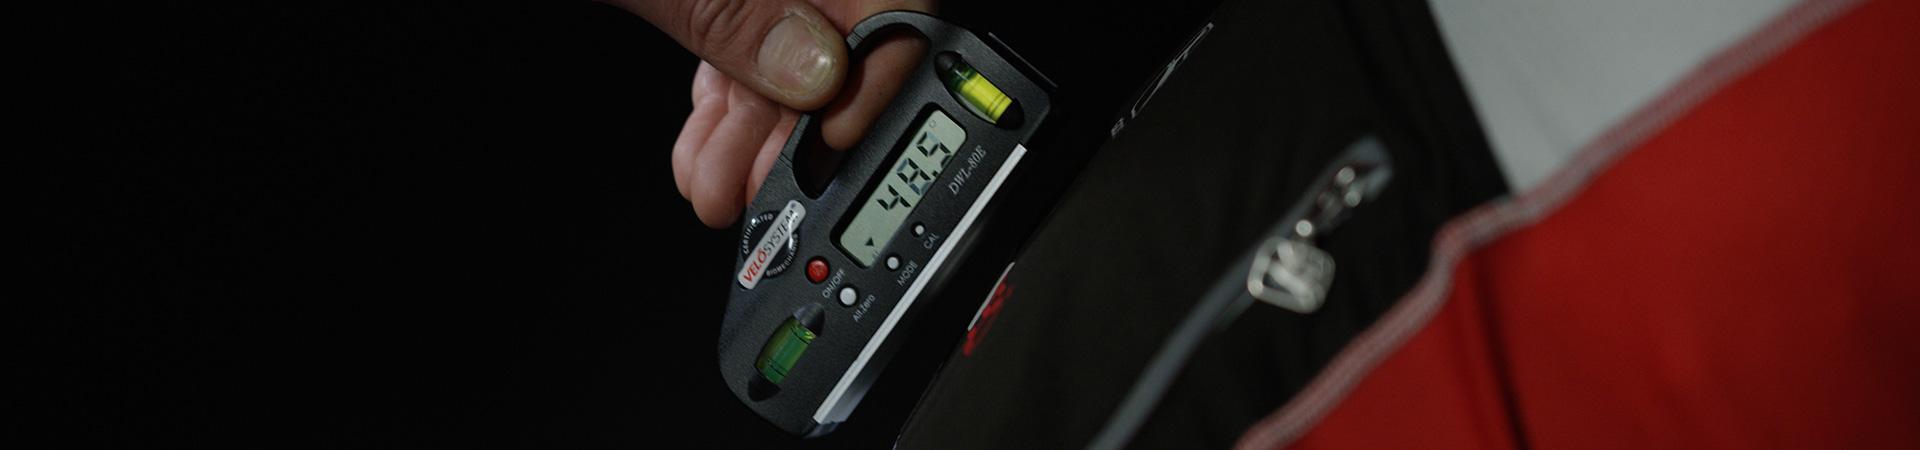 Ischio bolla - misurazione professionale biomeccanica